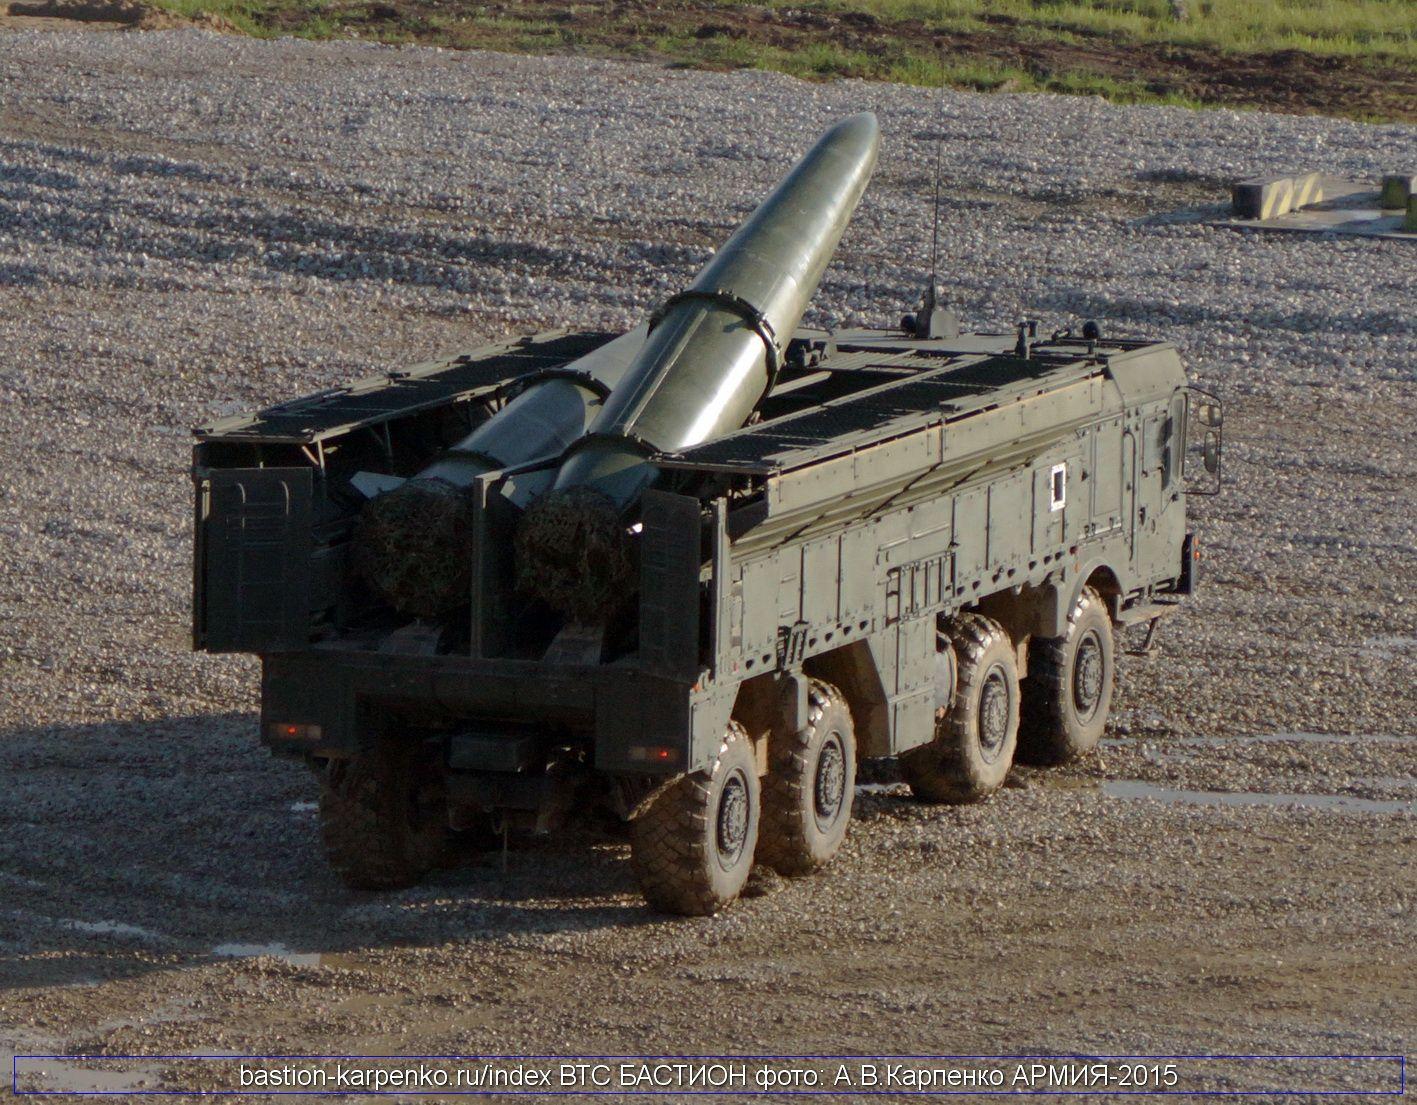 Russian 9K720 Iskander mobile ...